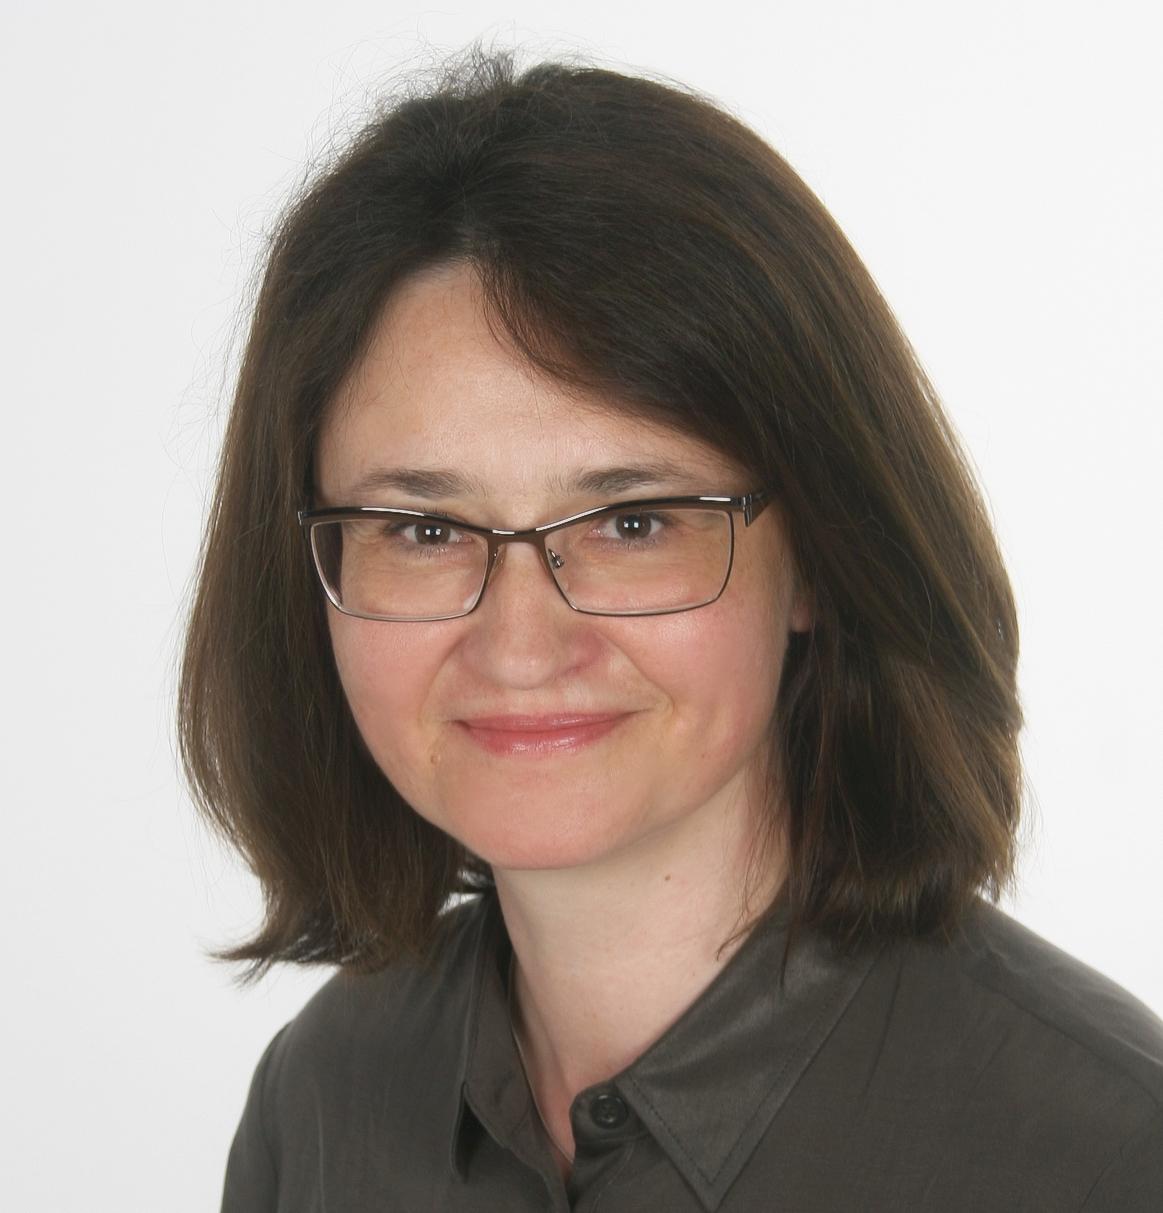 Malgorzata Pietraszek